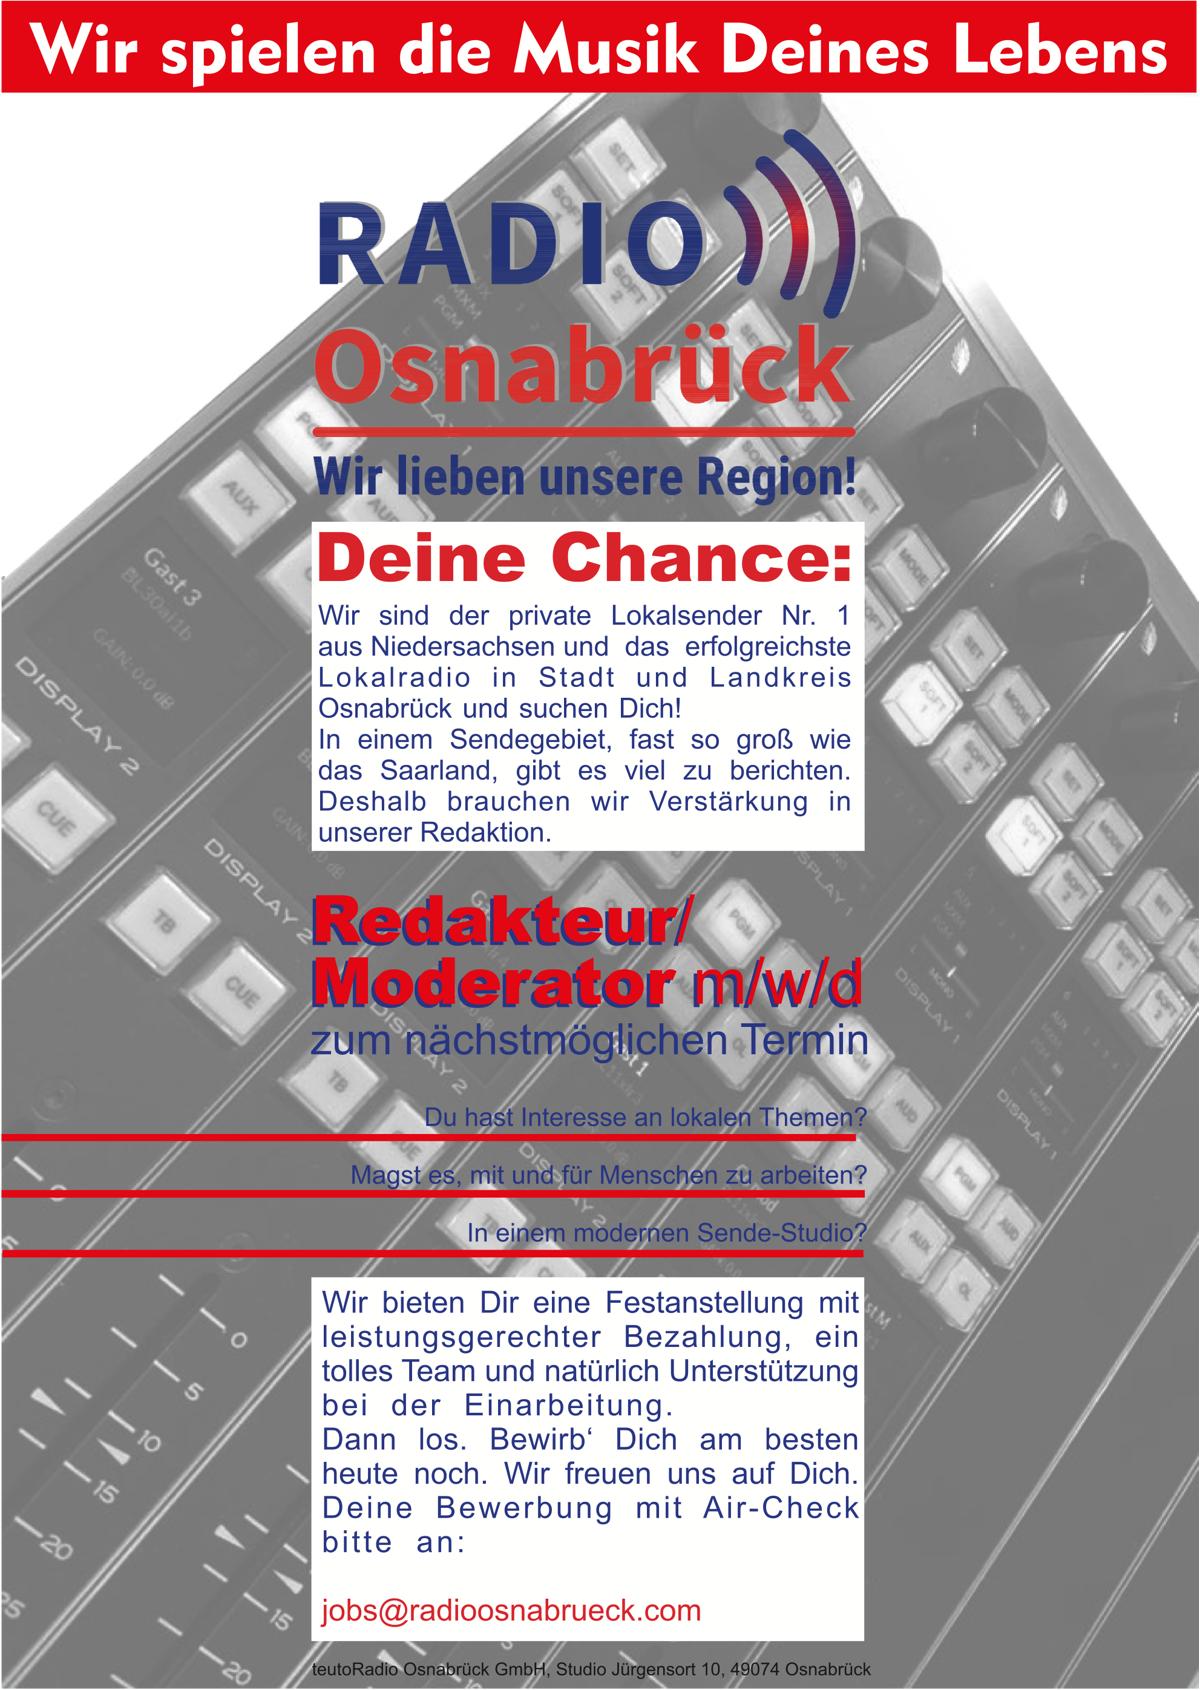 Radio Osnabrück sucht Redakteur/Moderator (m/w/d)